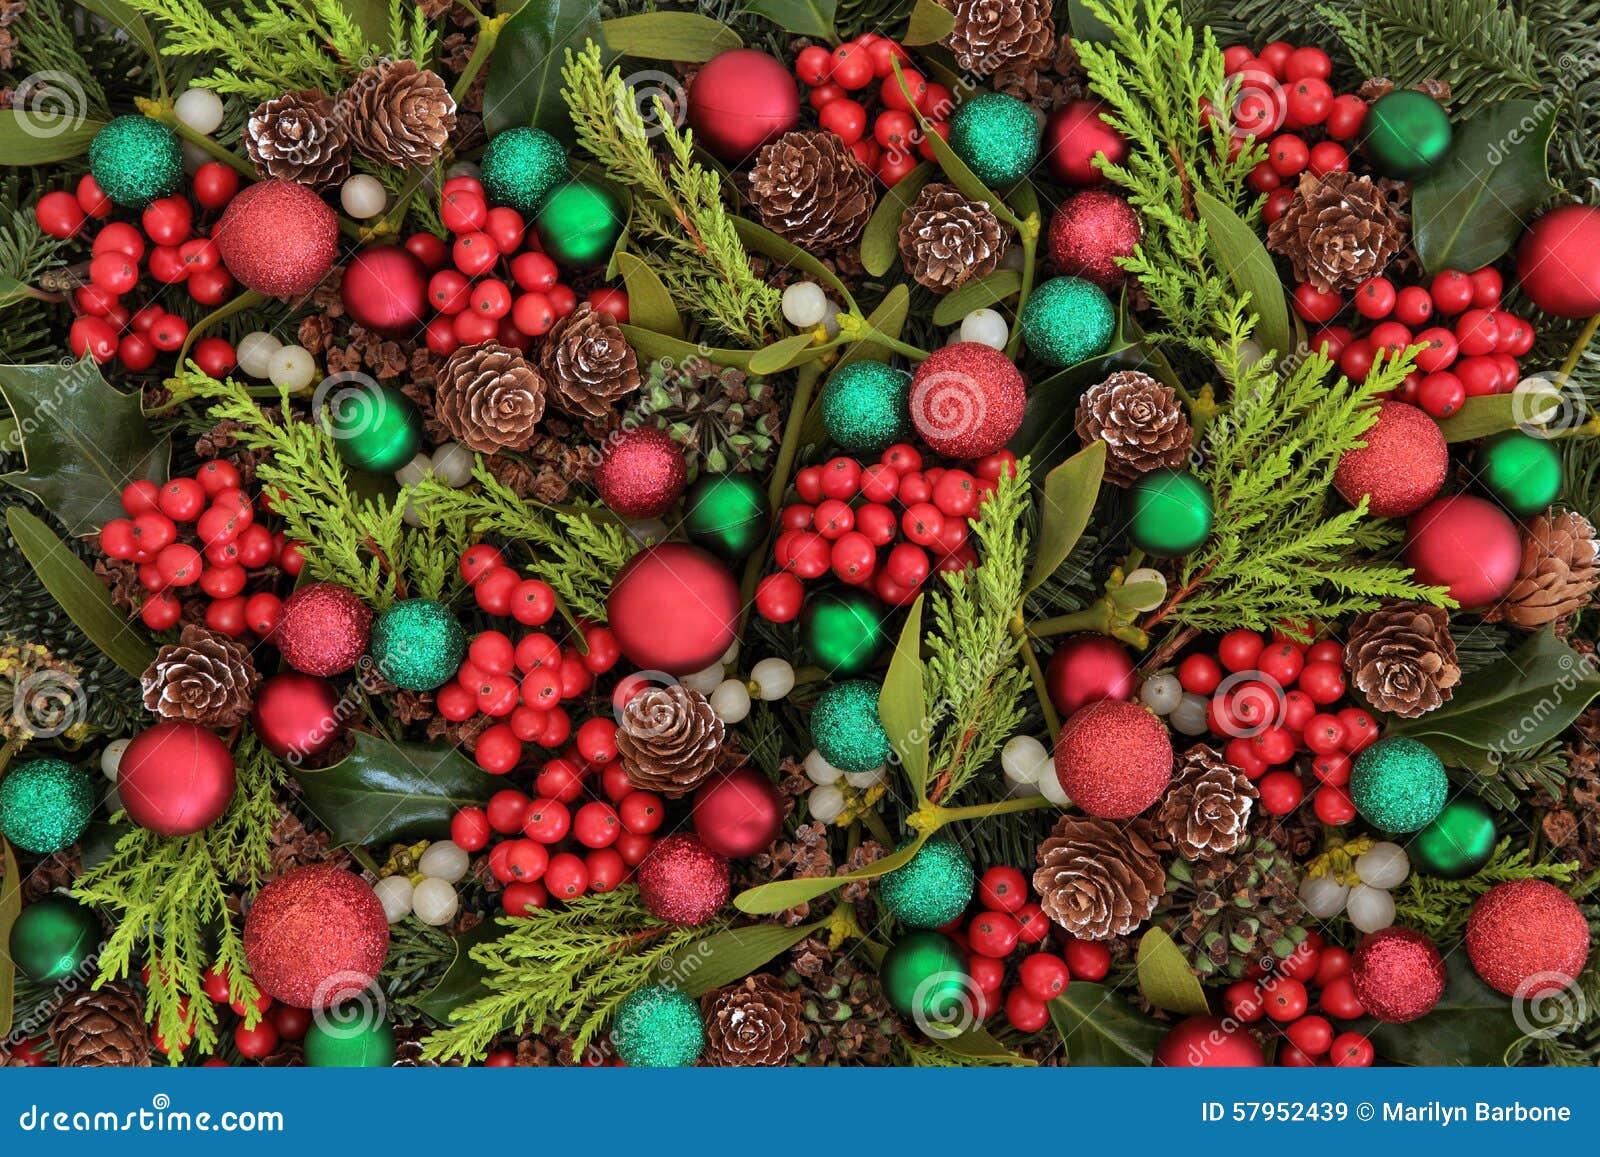 欢乐背景的圣诞节 库存照片 - 图片: 57952439